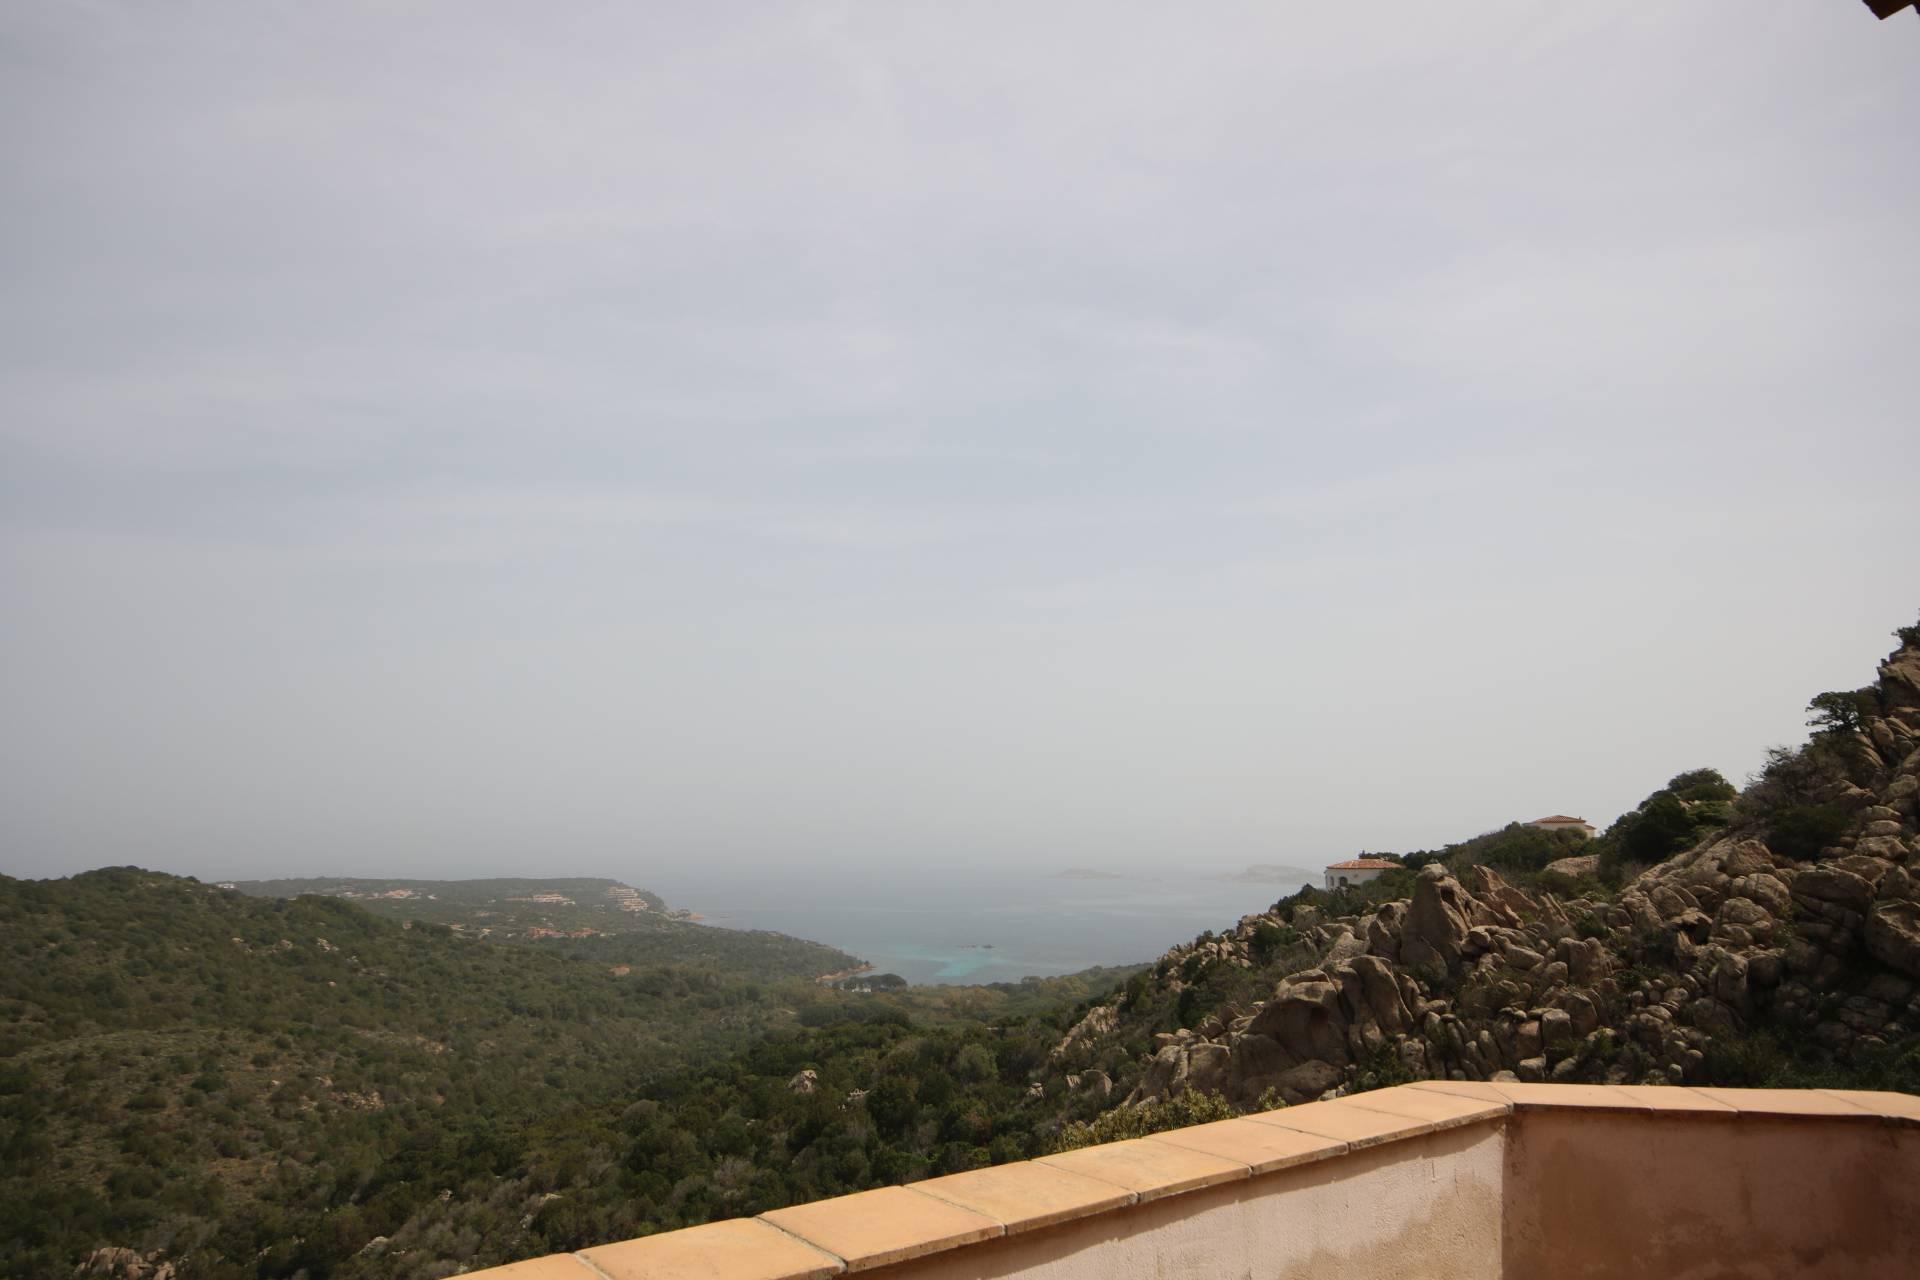 APPARTAMENTO in Affitto a Porto Cervo - Pantogia, Arzachena (SASSARI)